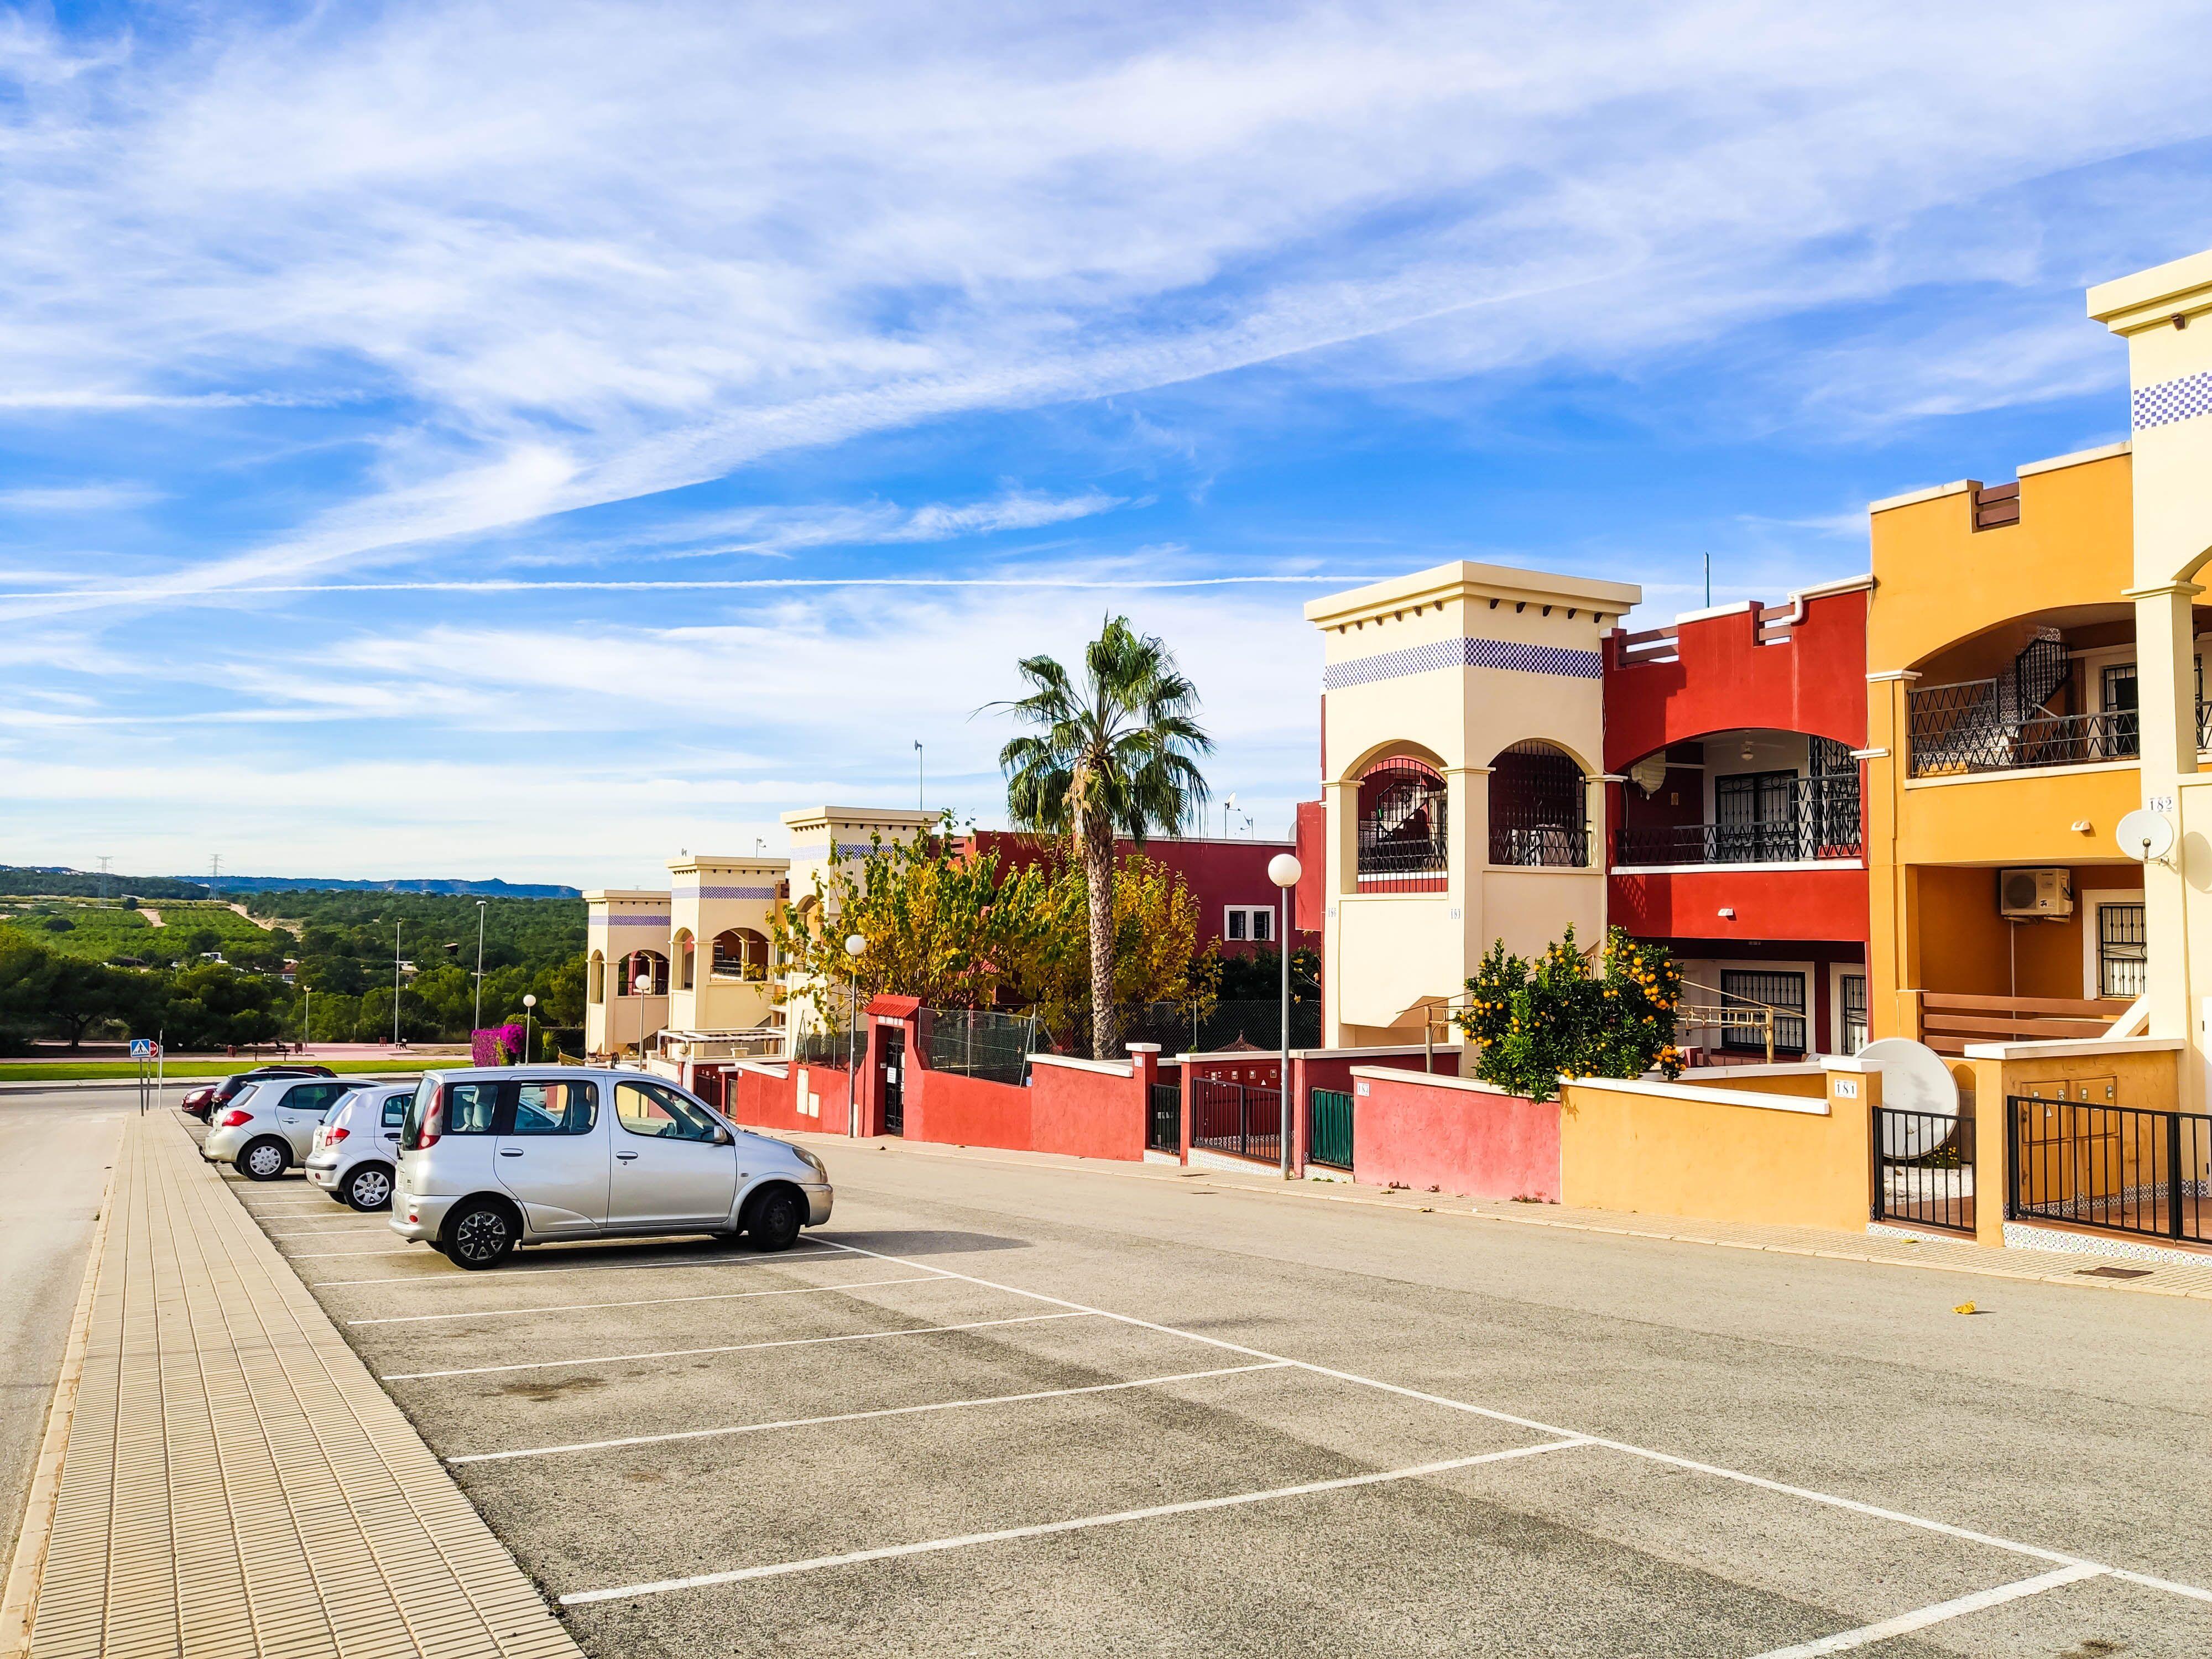 DREAM HILLS, LOS ALTOS